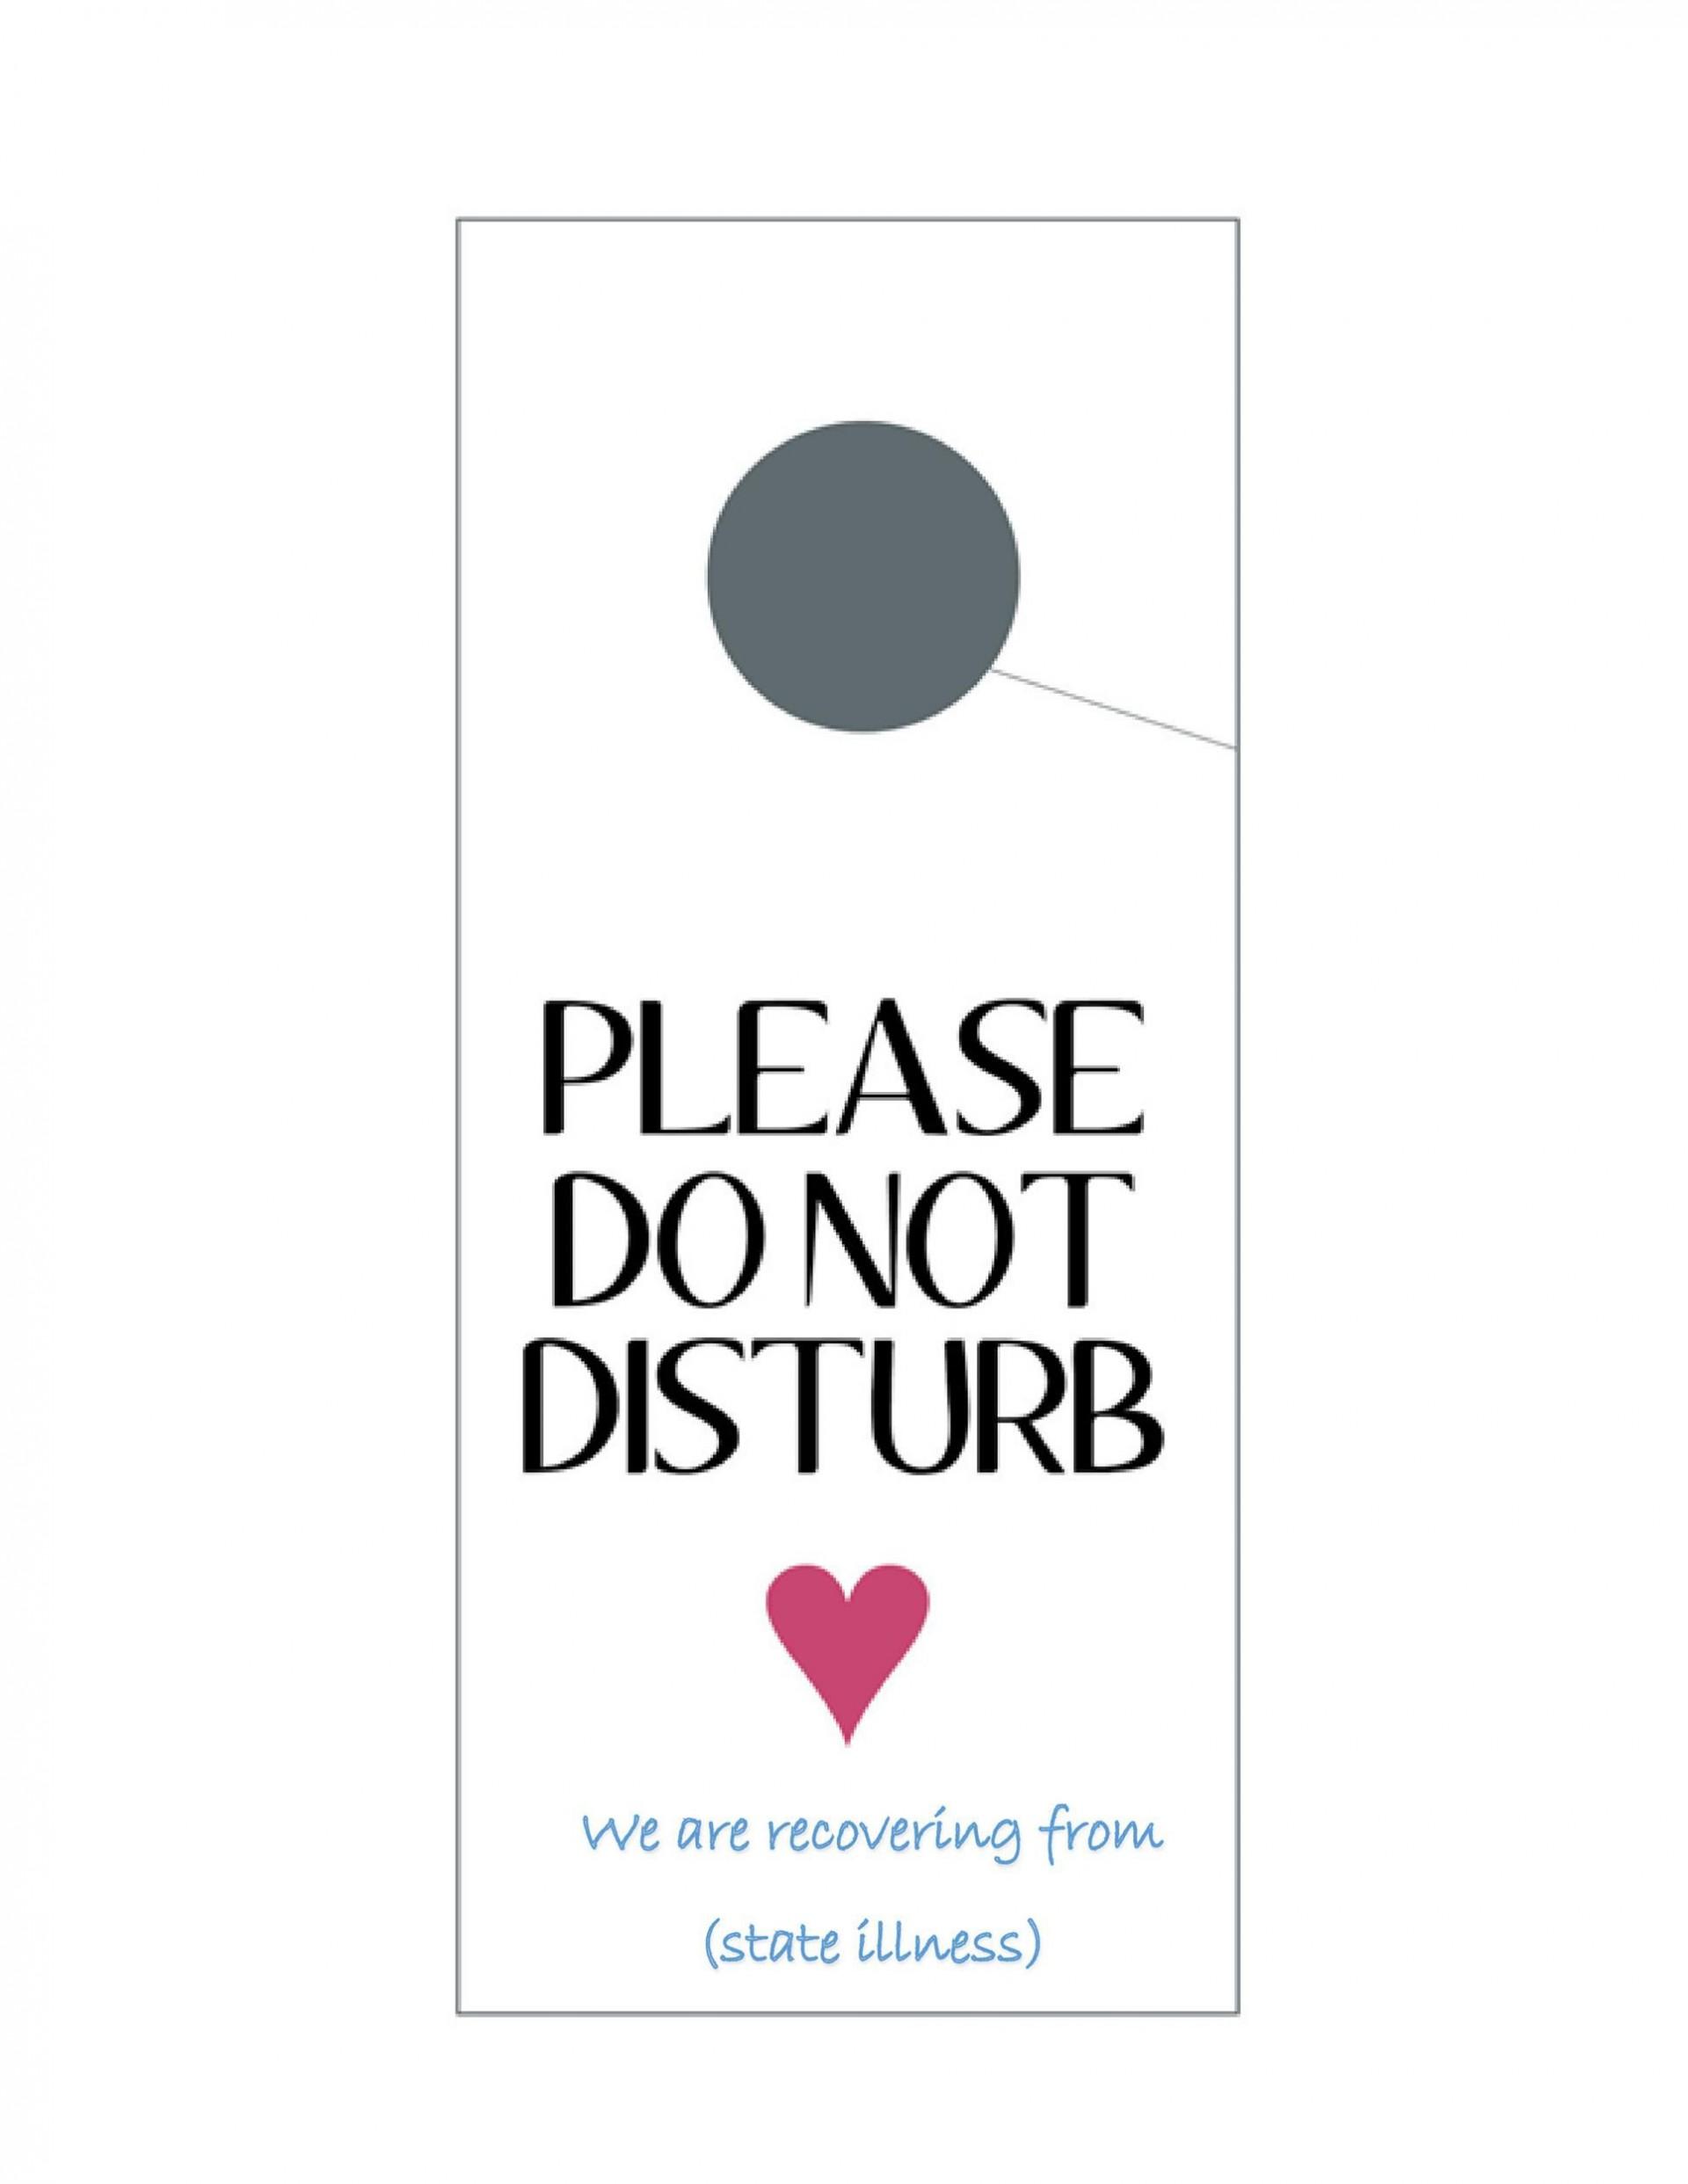 004 Outstanding Free Printable Template For Door Hanger Photo 1920